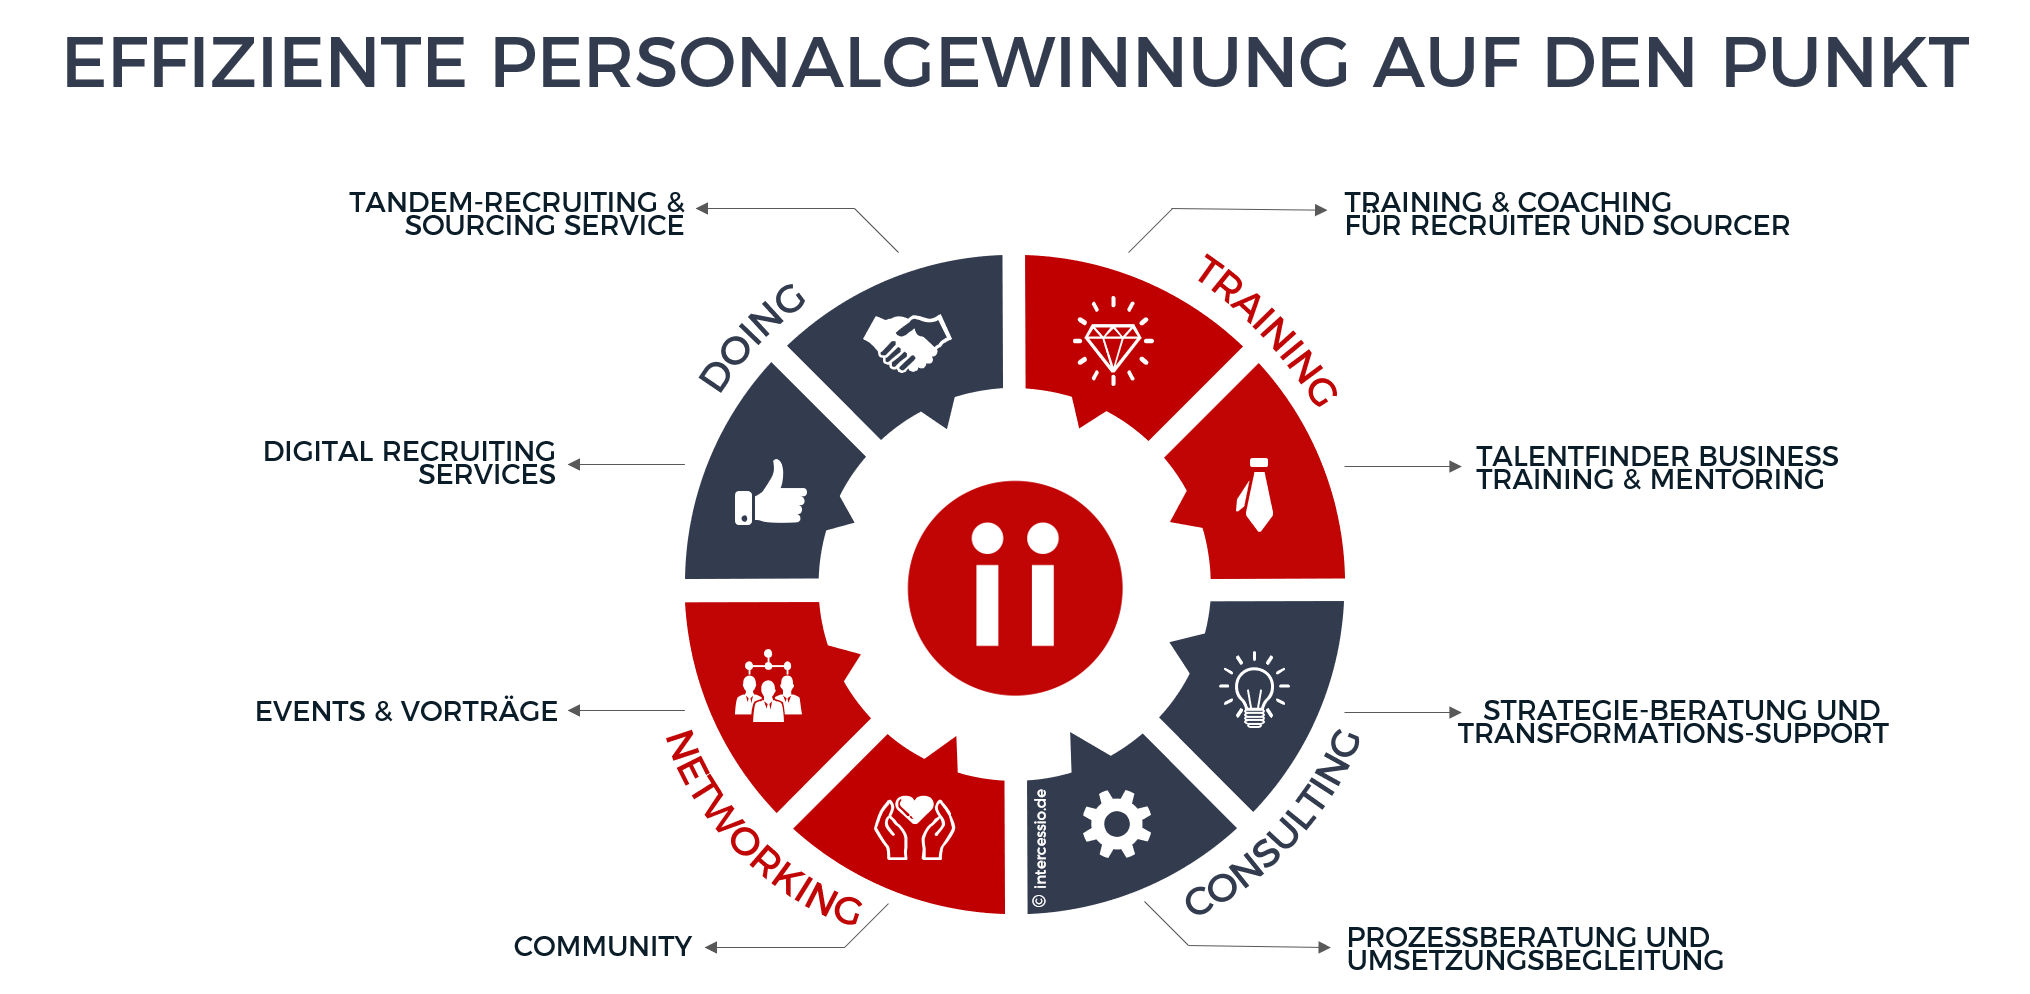 Intercessio - Effiziente Personalgewinnung auf den Punkt - Talent Acquisition für Talentfinder